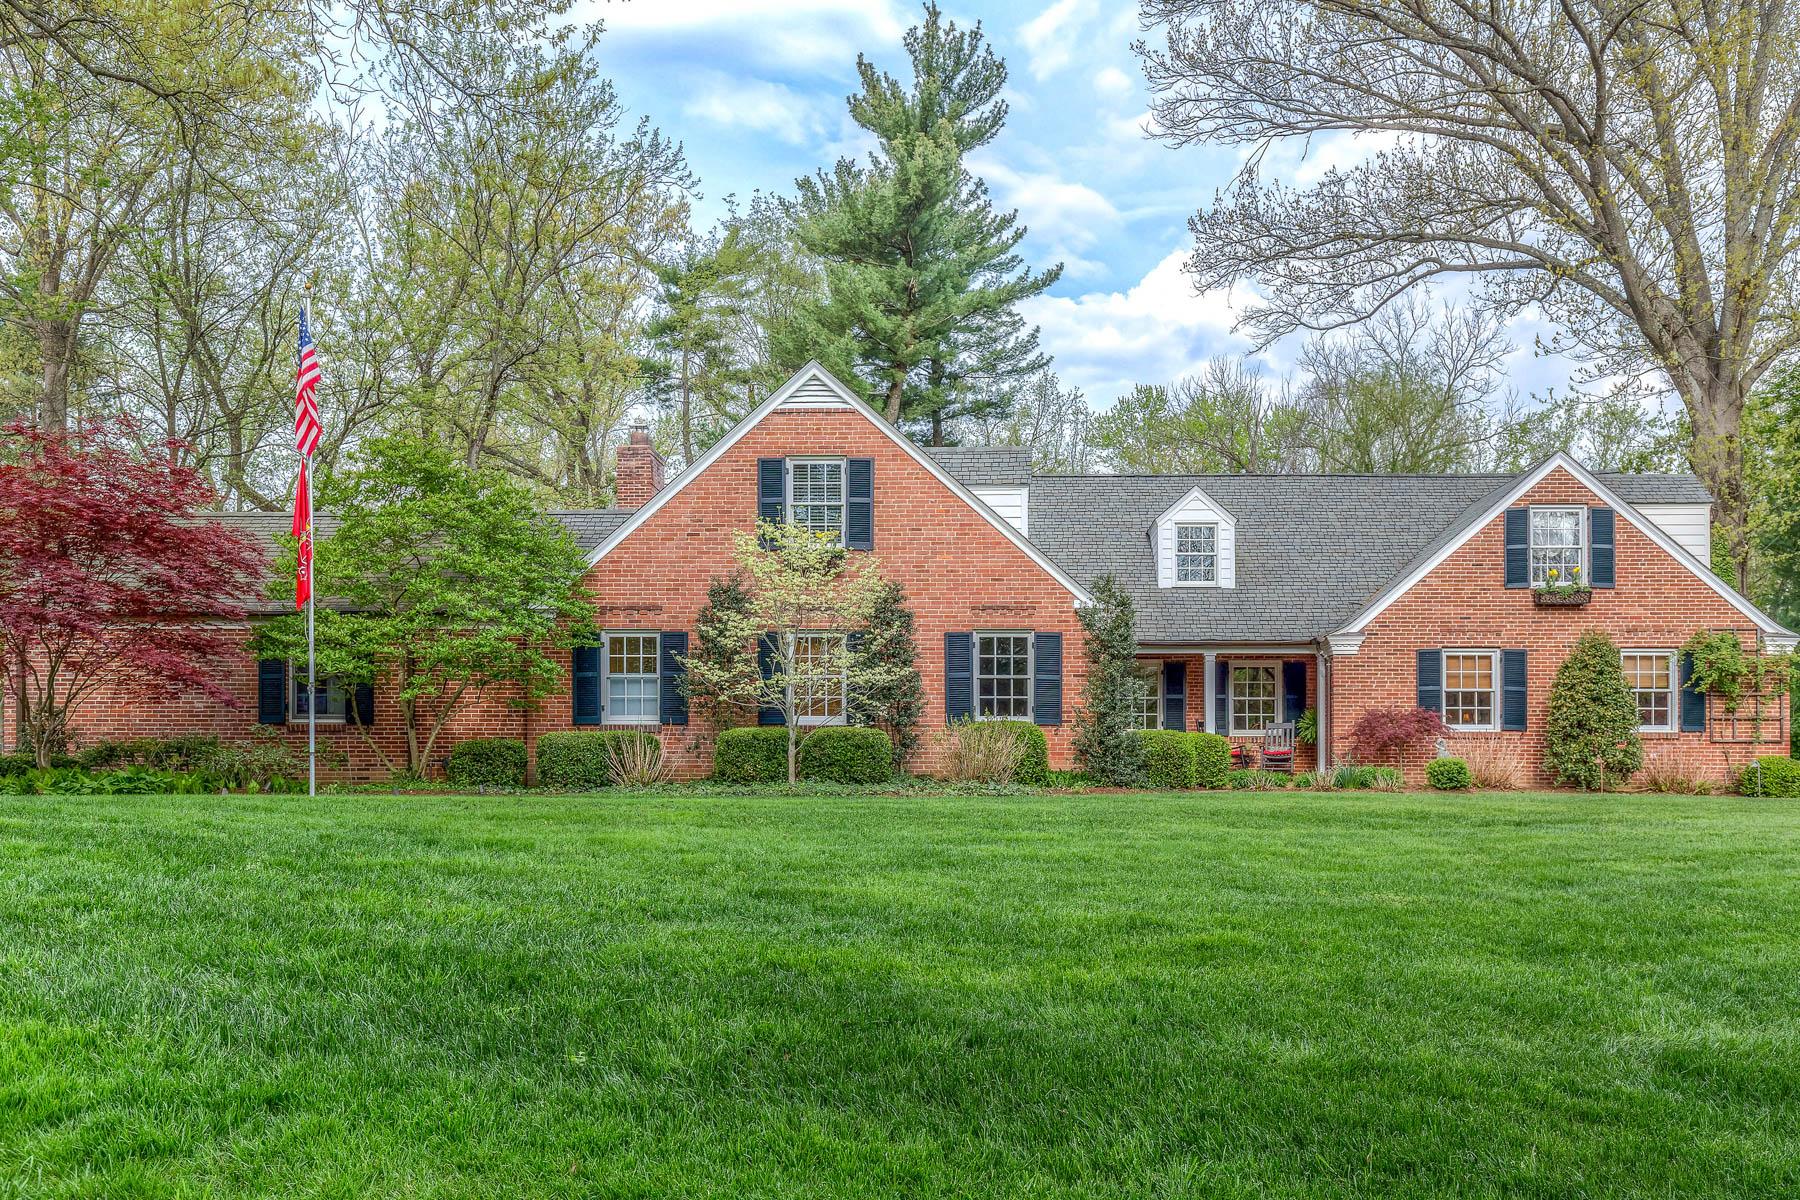 獨棟家庭住宅 為 出售 在 Wakefield Drive 9 Wakefield Dr Ladue, 密蘇里州, 63124 美國